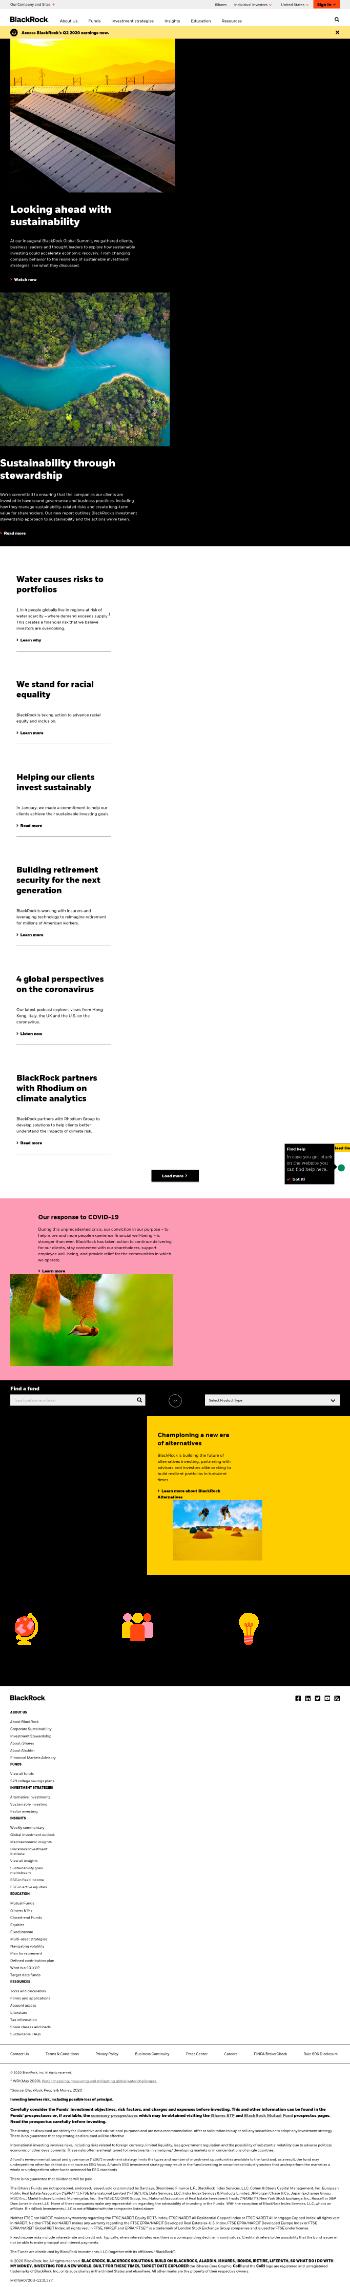 Blackrock Resources & Commodities Strategy Trust Website Screenshot